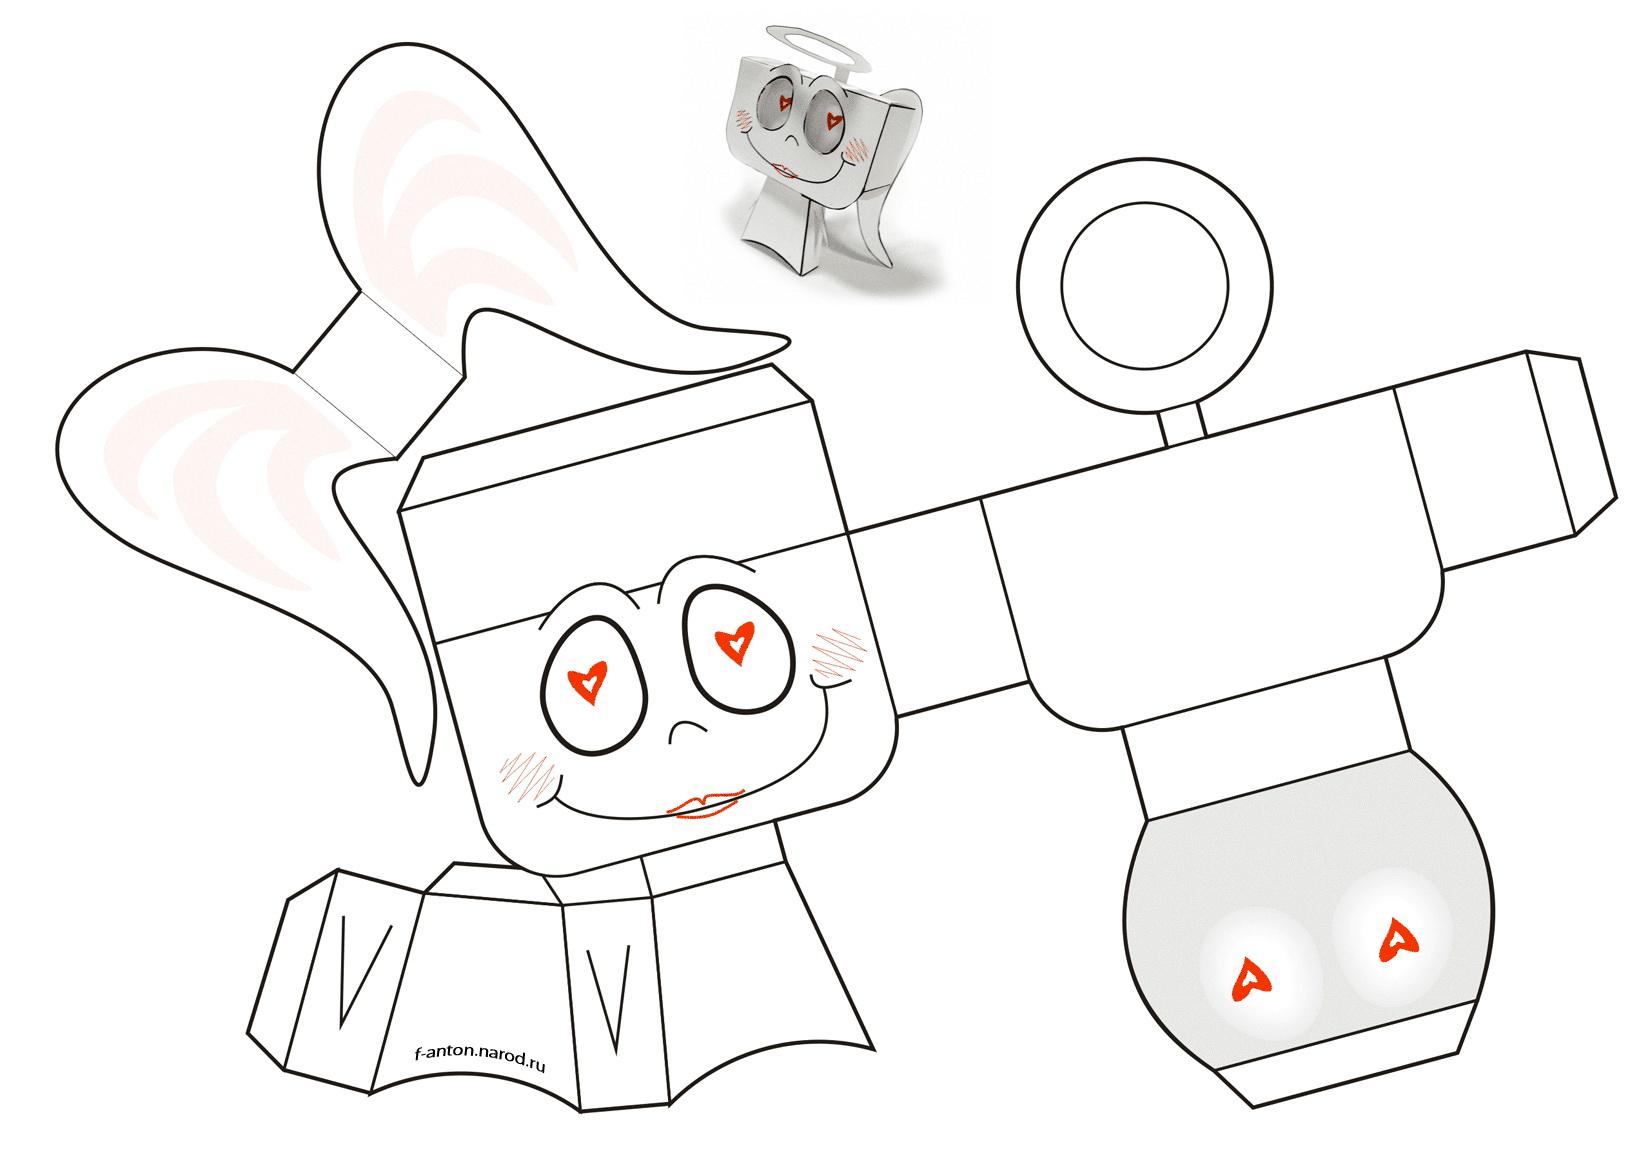 картинки из бумаги своими руками шаблоны любых картах чтобы